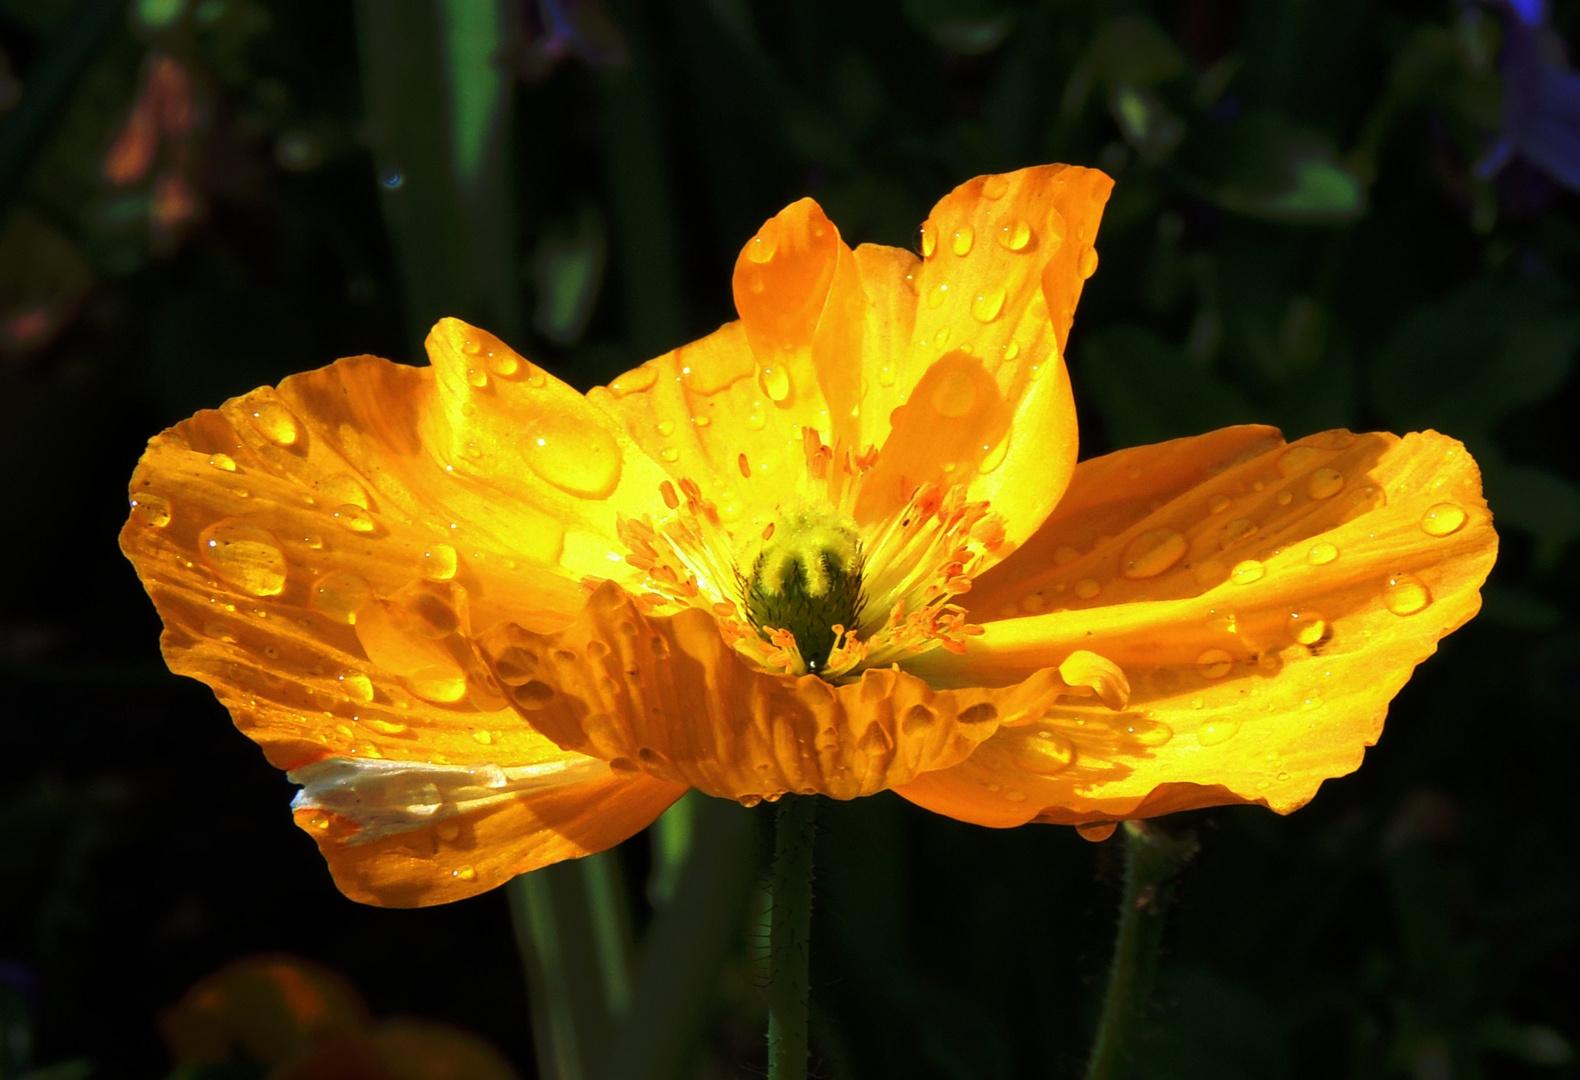 Mohnblume Variation III nach einem Regenschauer